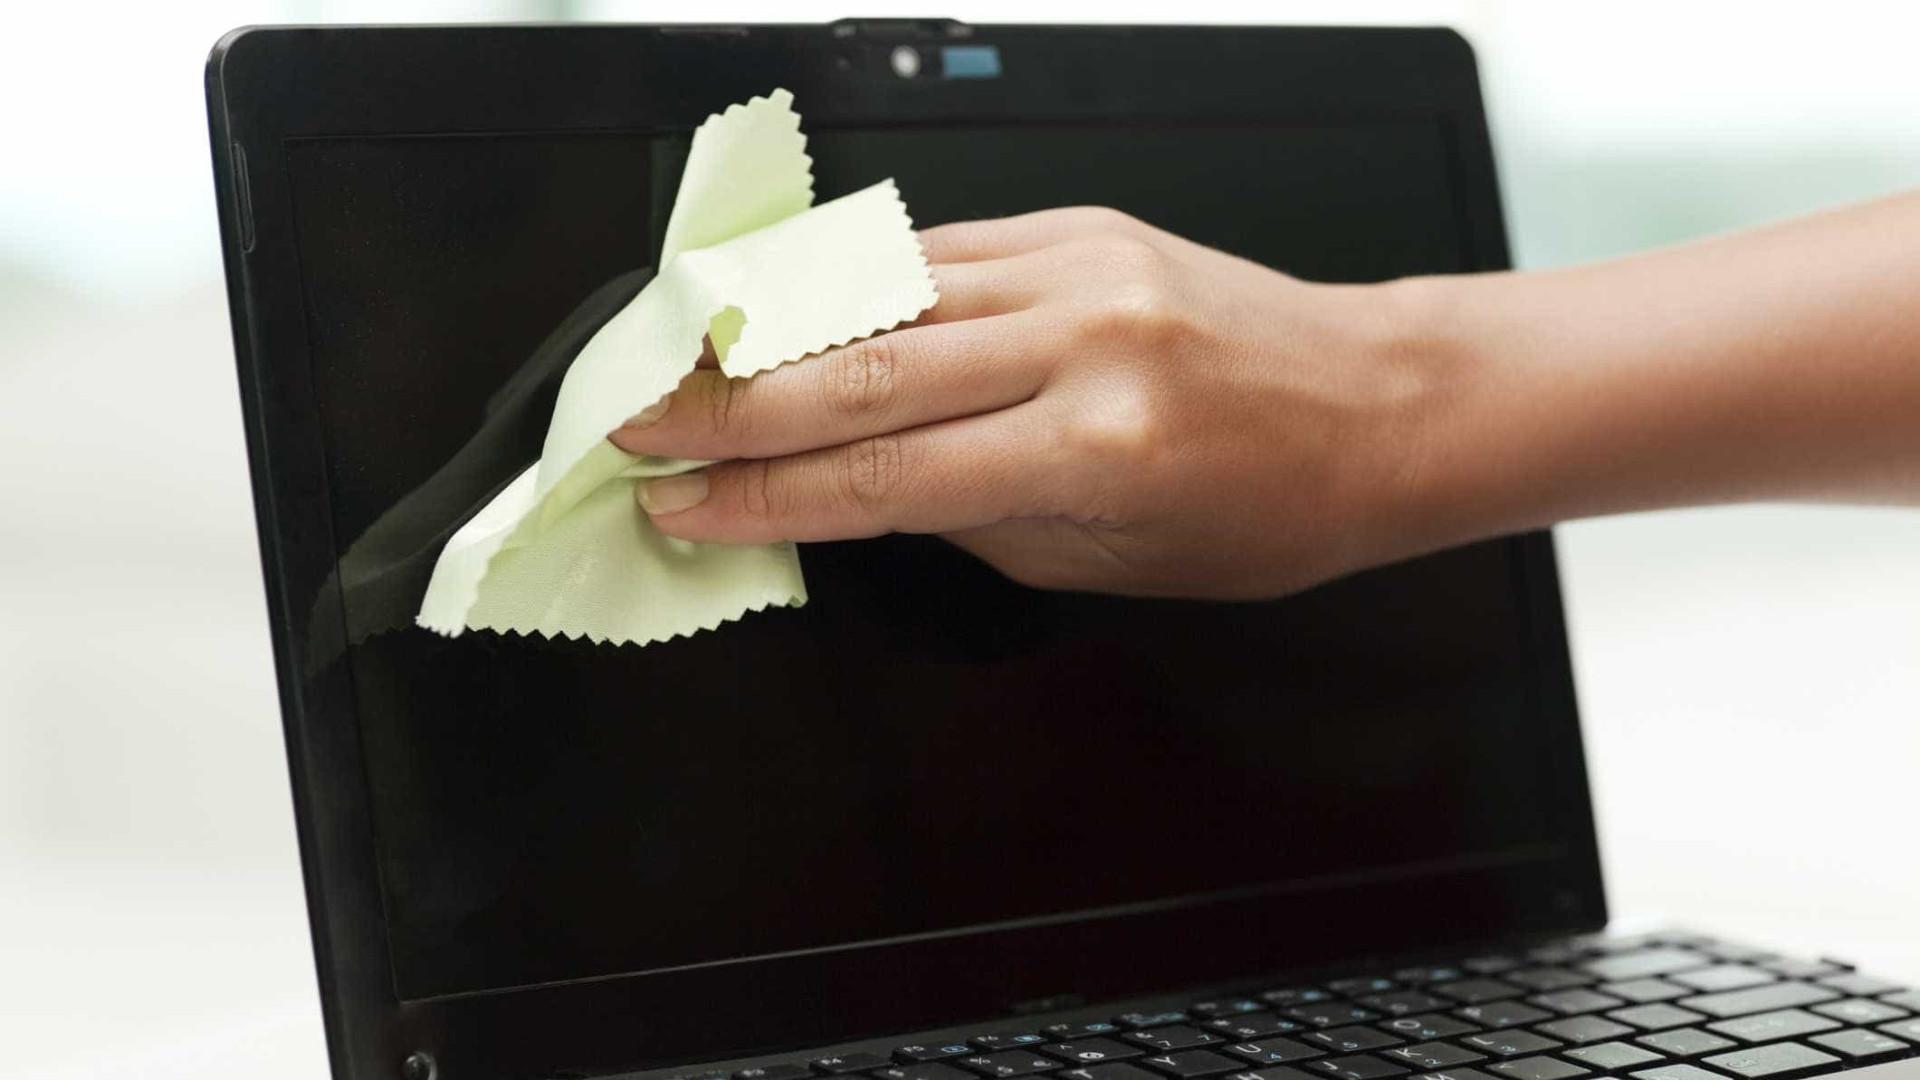 Ecrã do computador sujo? Eis como limpar da melhor forma